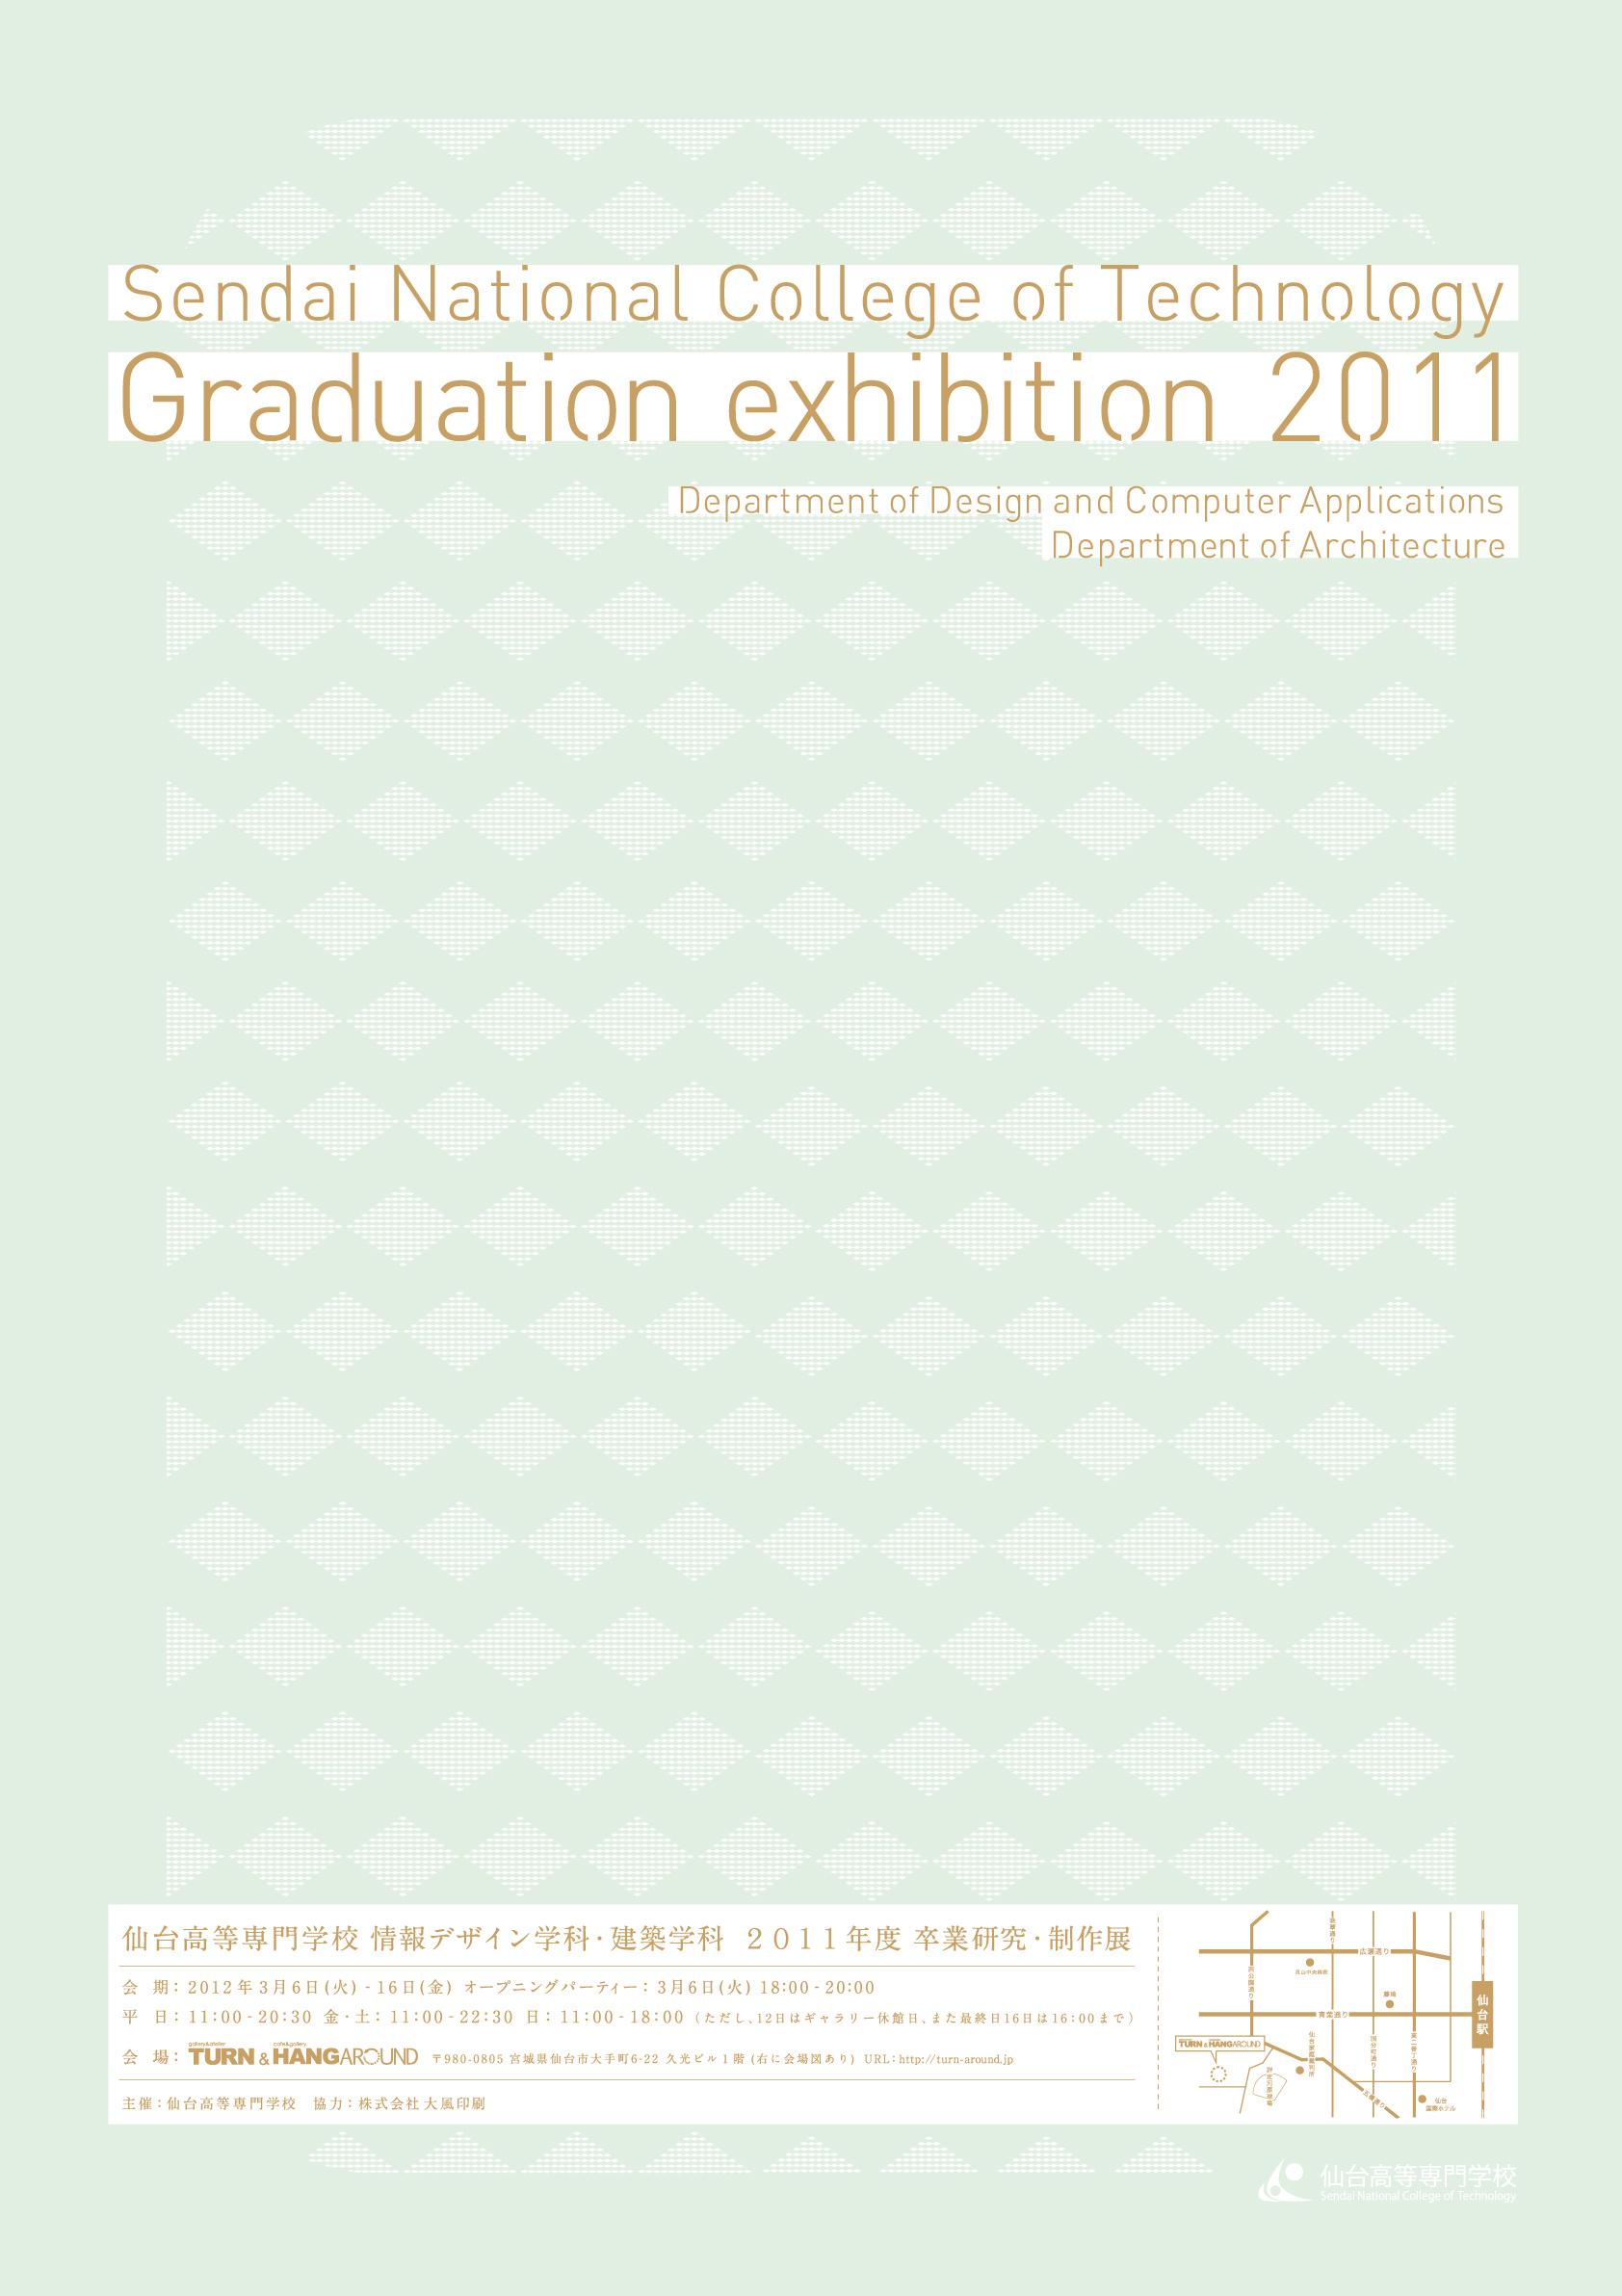 仙台高等専門学校 情報デザイン学科・建築学科 2011年度 卒業研究・制作展